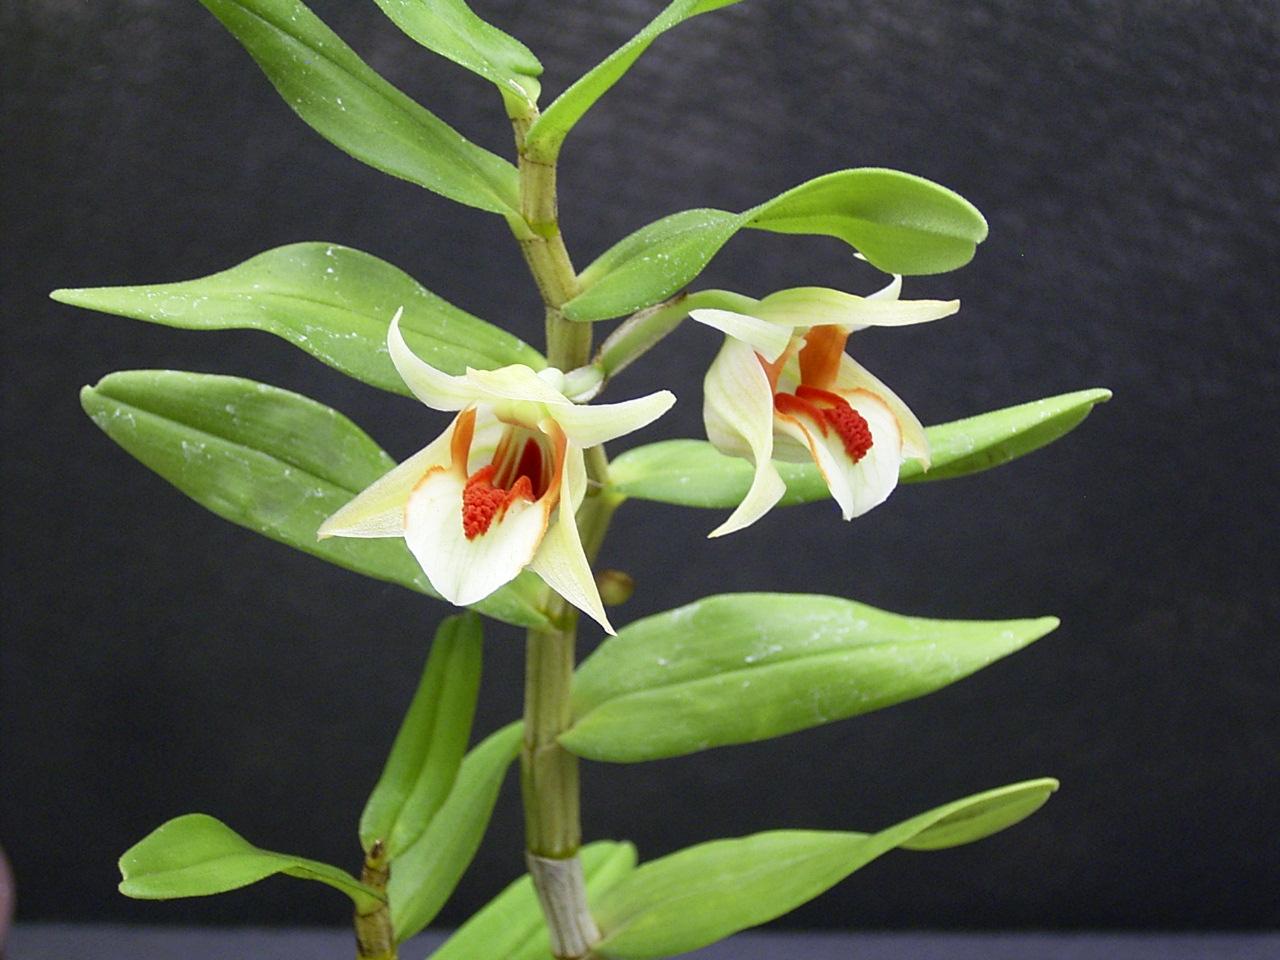 http://orchids.la.coocan.jp/Dendrobium/Dendrobium%20cruentum/R0049496.JPG